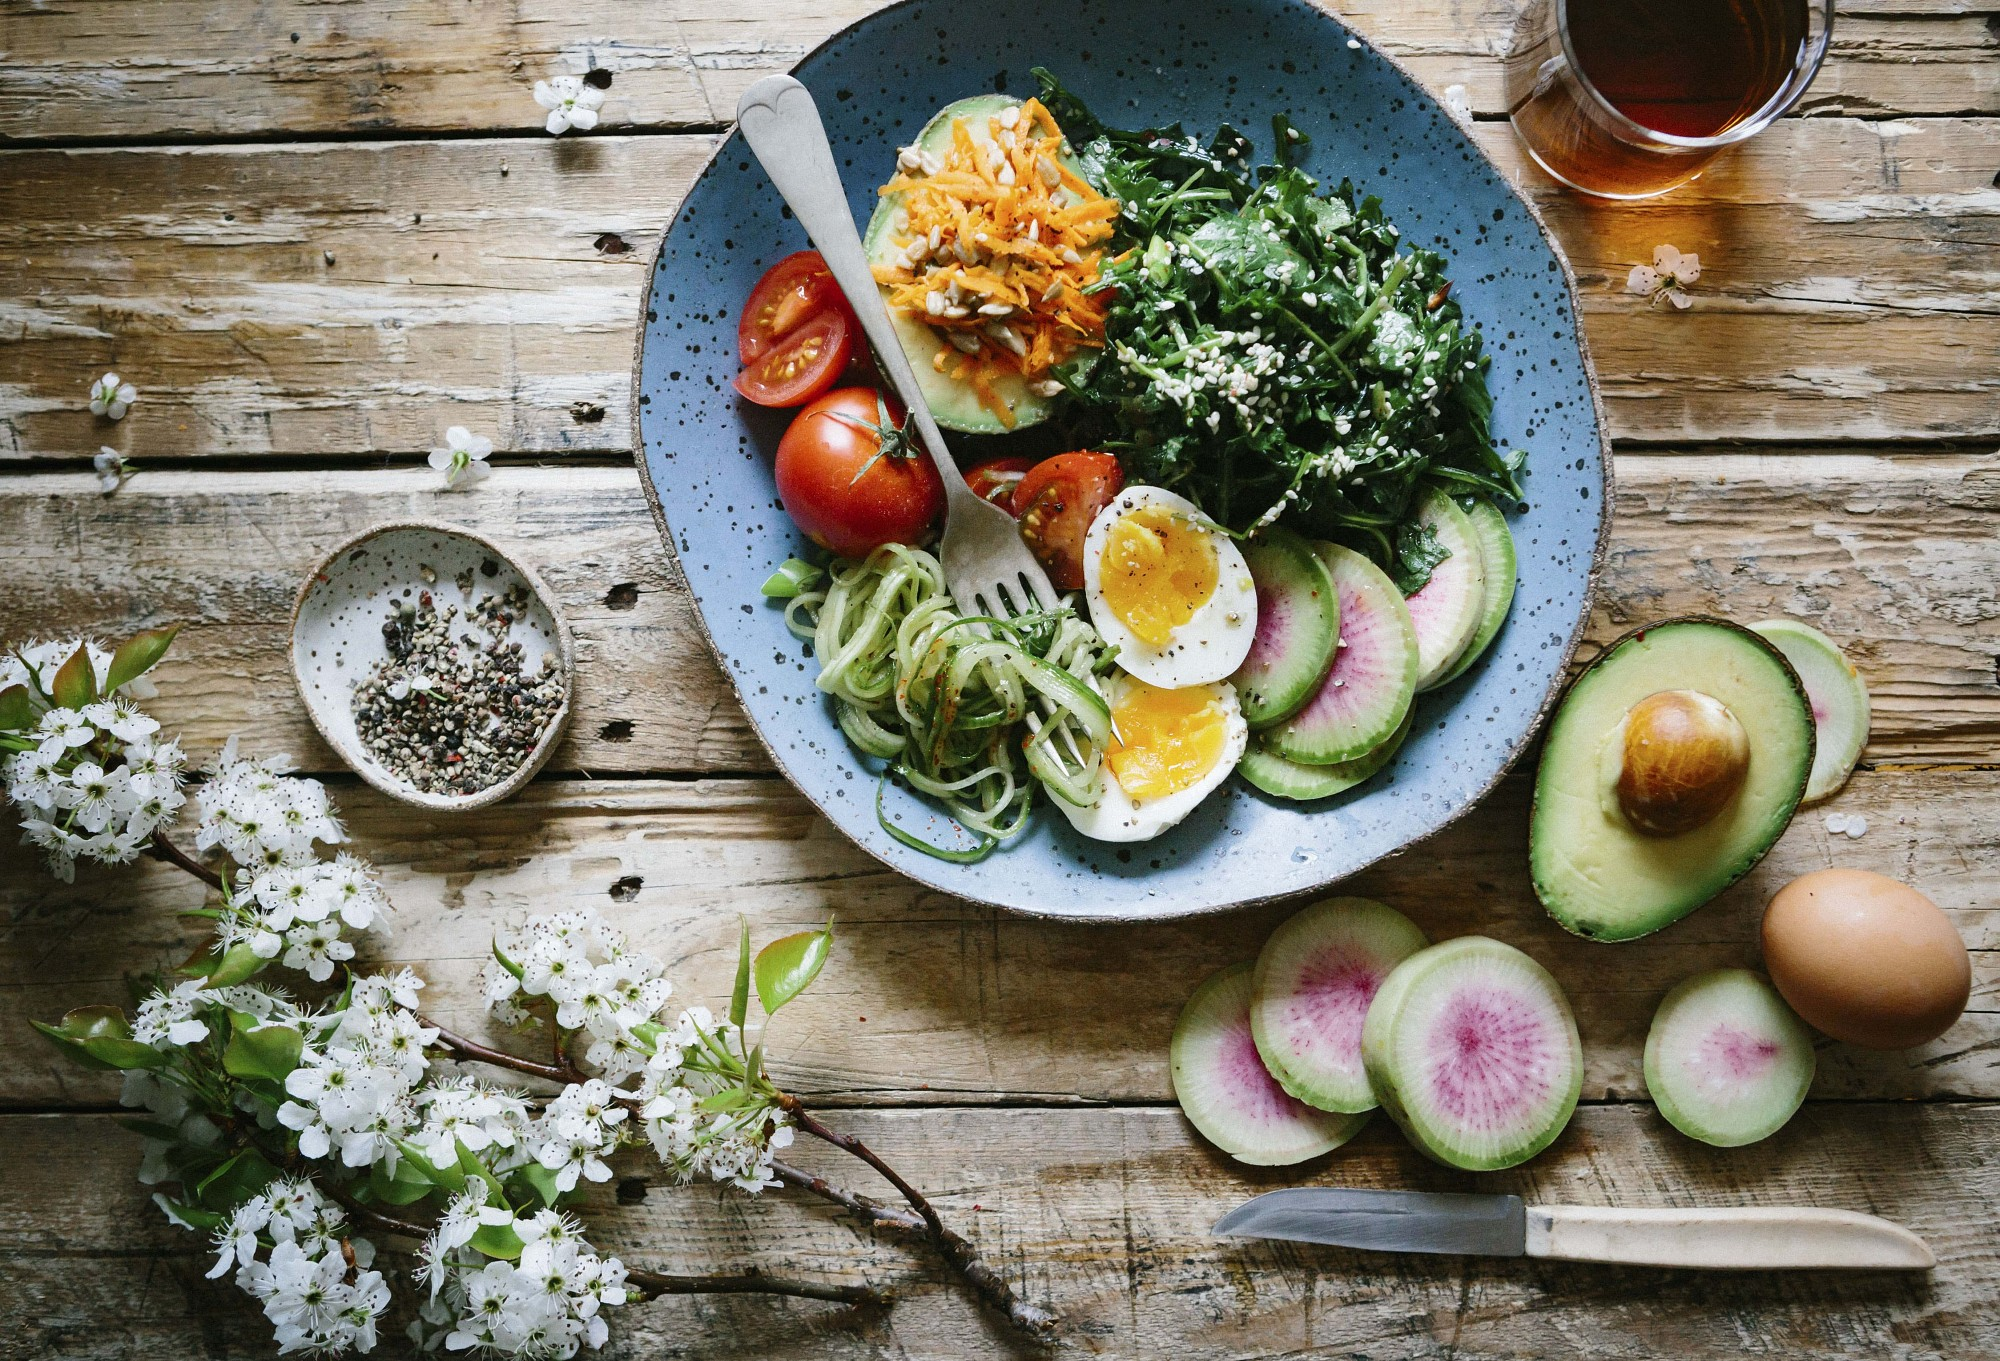 Bērnu aprūpes iestāžu darbiniekus apmācīs par veselīgu uzturu